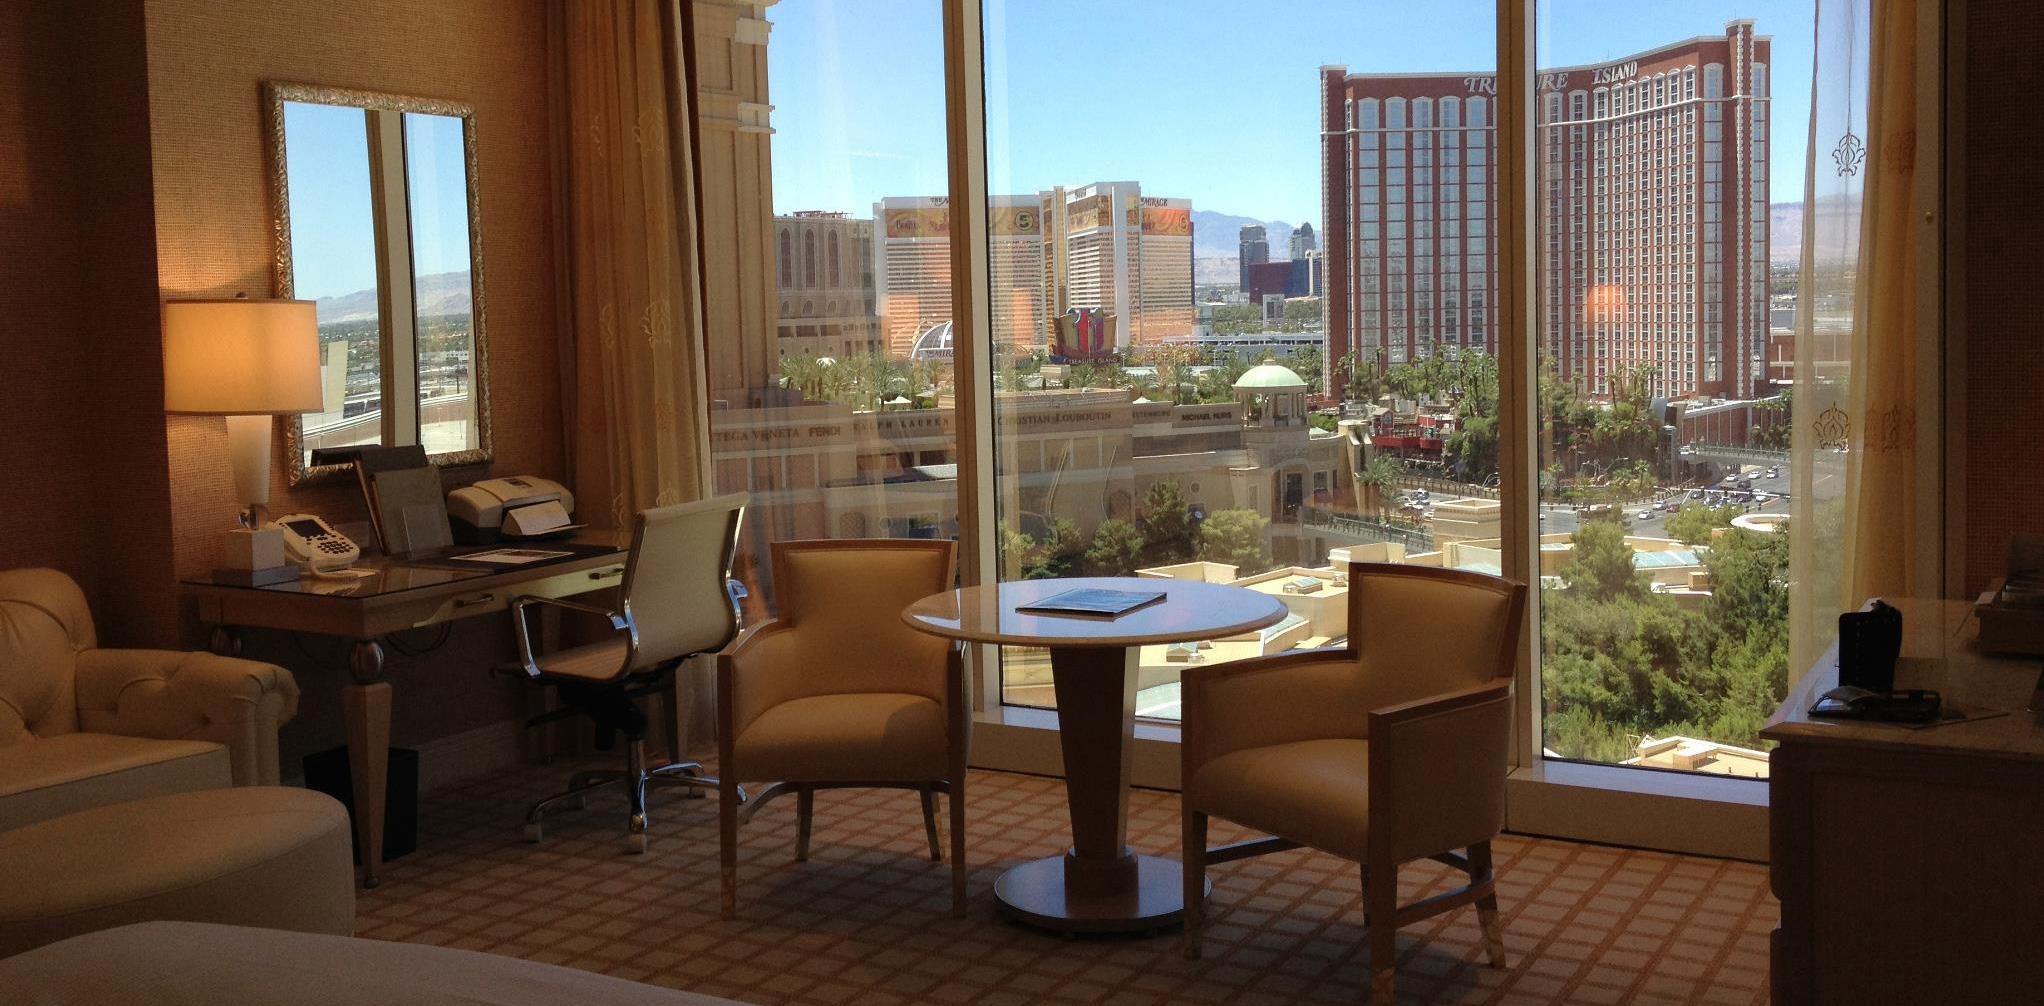 Wynn, Las Vegas